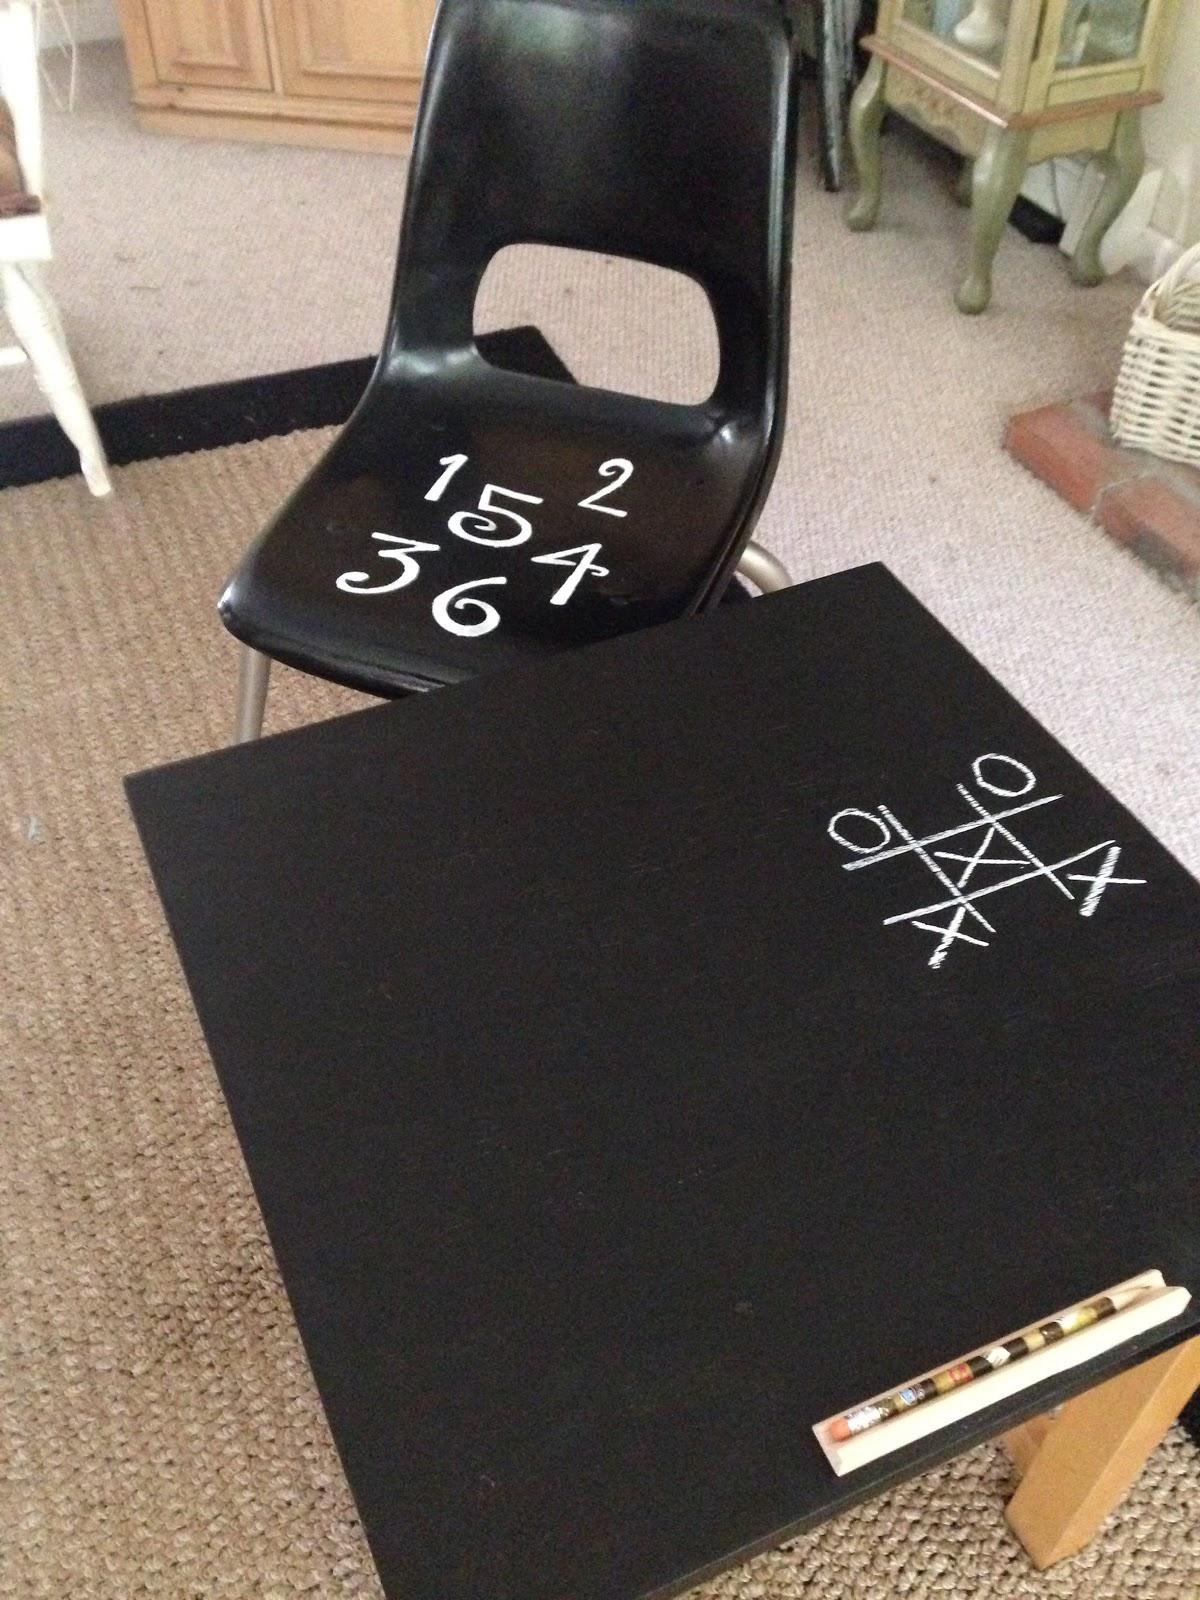 Chalkboard Desk & Chair